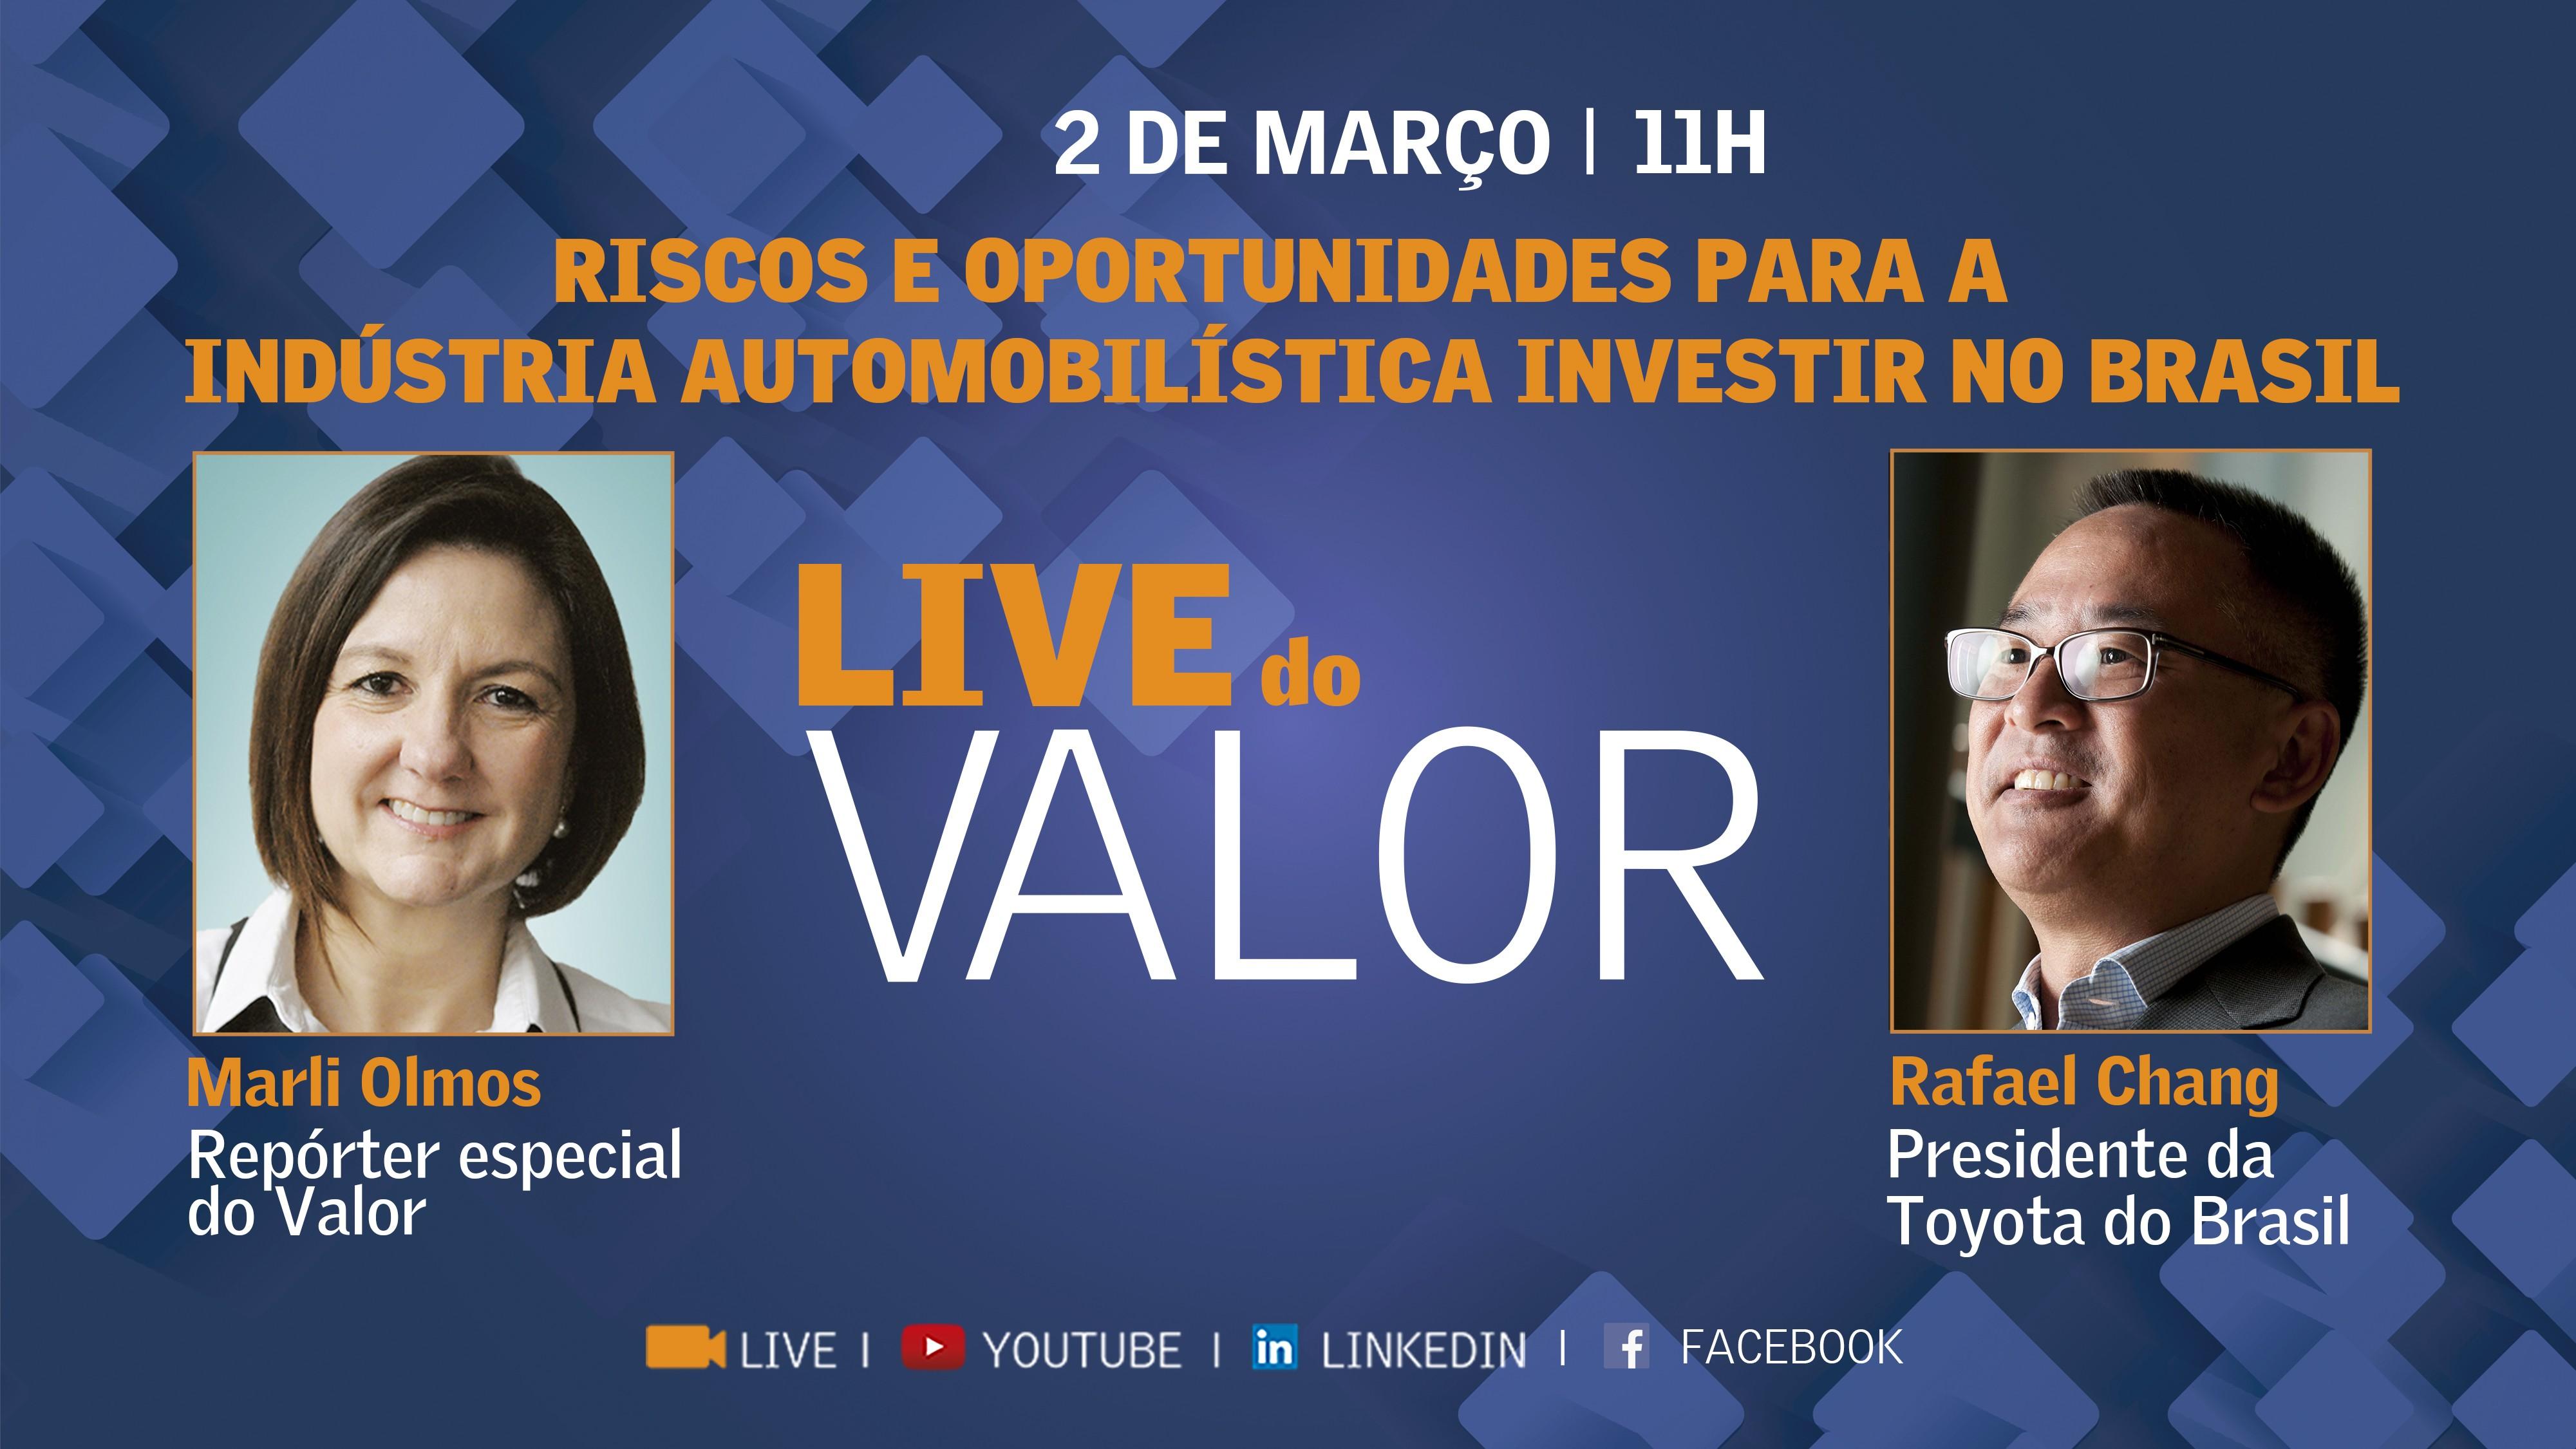 Live do Valor: Rafael Chang, da Toyota, fala sobre os riscos e oportunidades para a indústria automobilística investir no Brasil nesta terça, às 11h